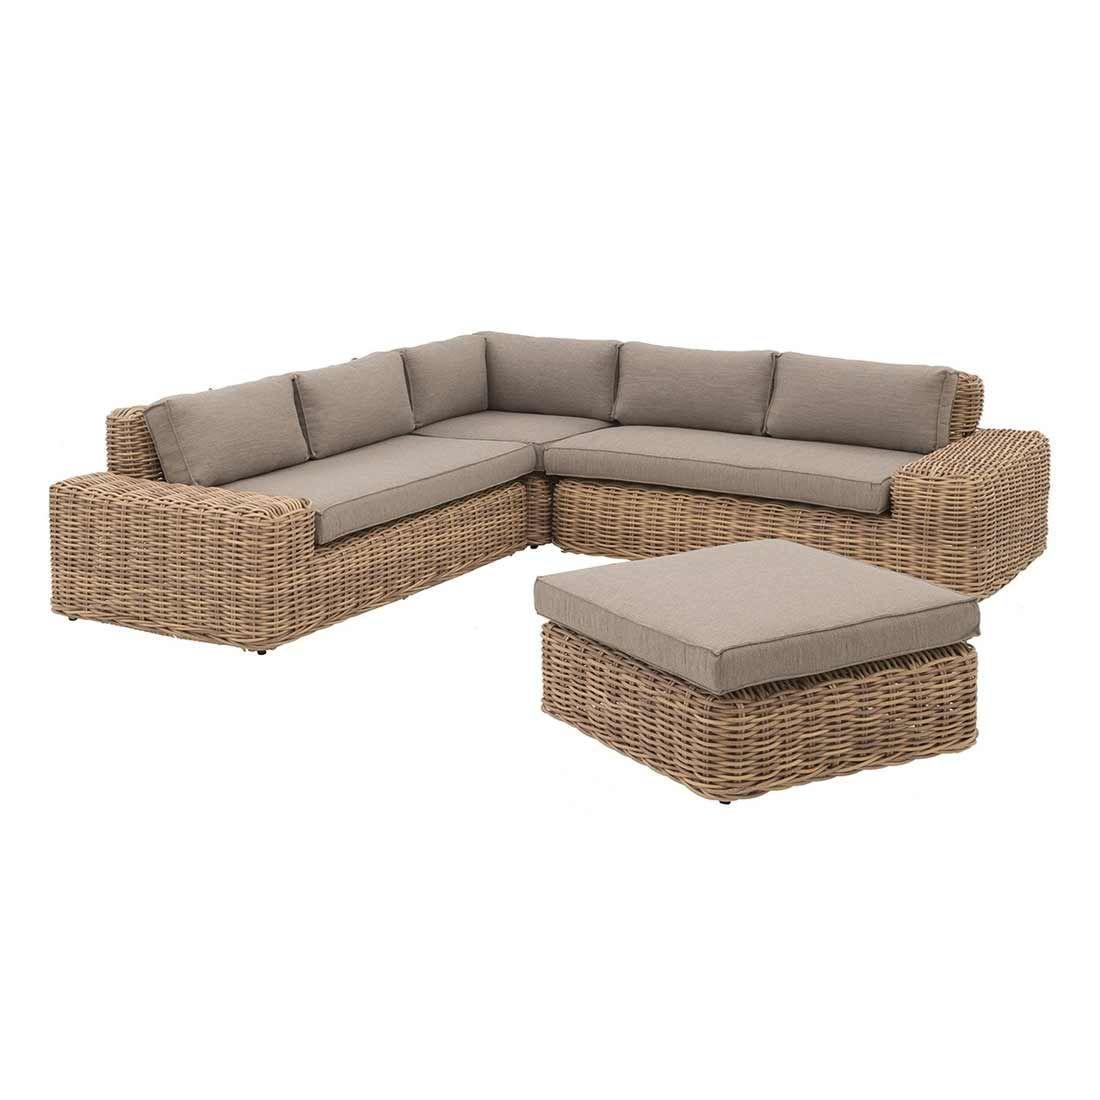 Outliv Yate Loungeecke 4tlg Aluminium Geflecht Mixed Brown Garten Und Freizeit In 2021 Lounge Gartenmobel Lounge Mobelideen